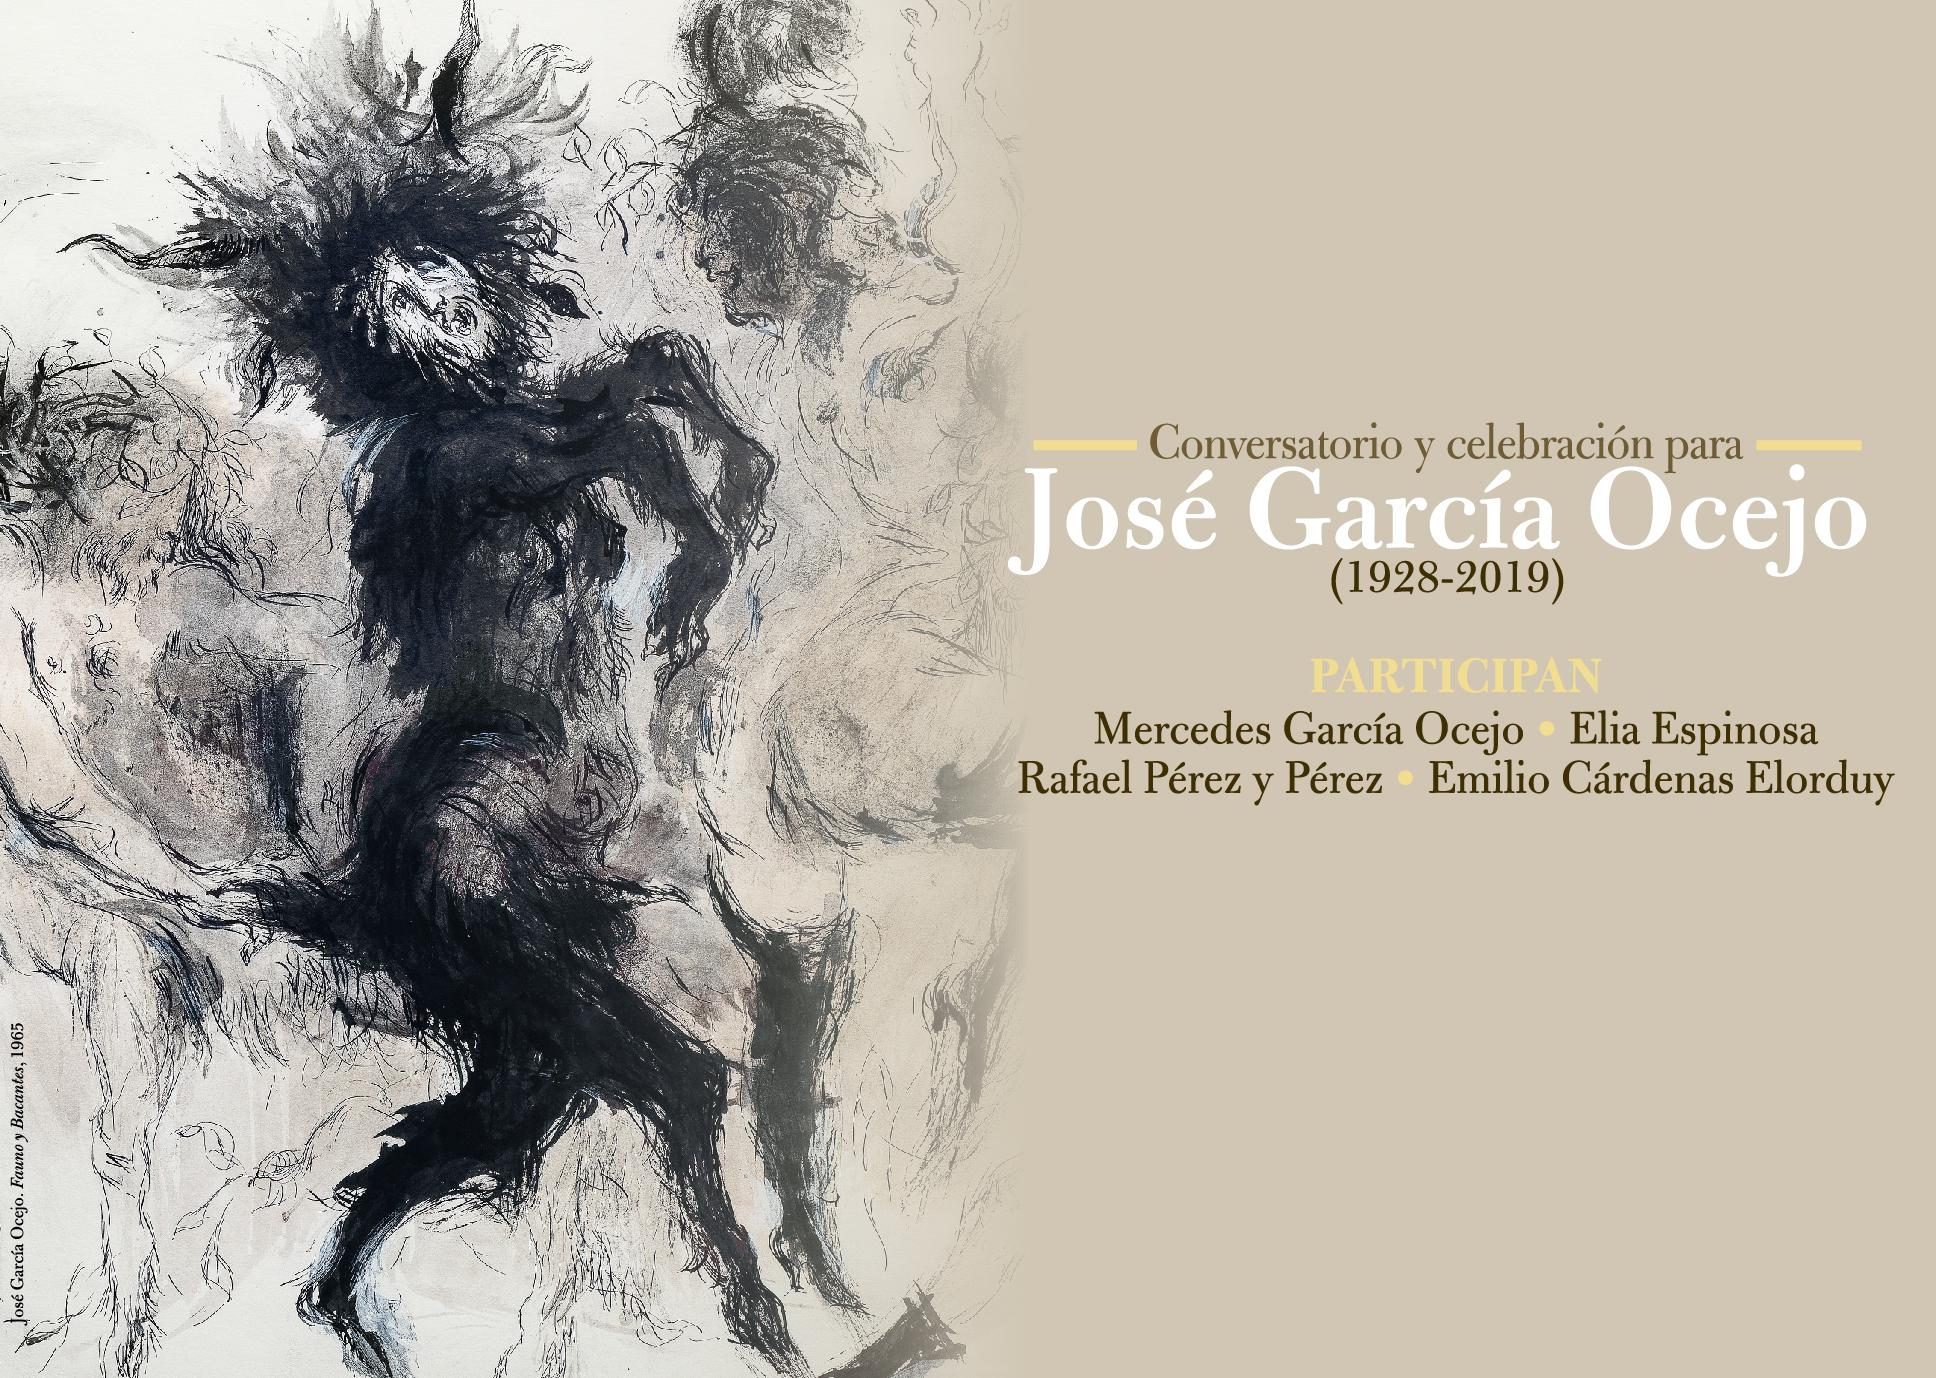 Conversatorio y celebración para José Garcia Ocejo